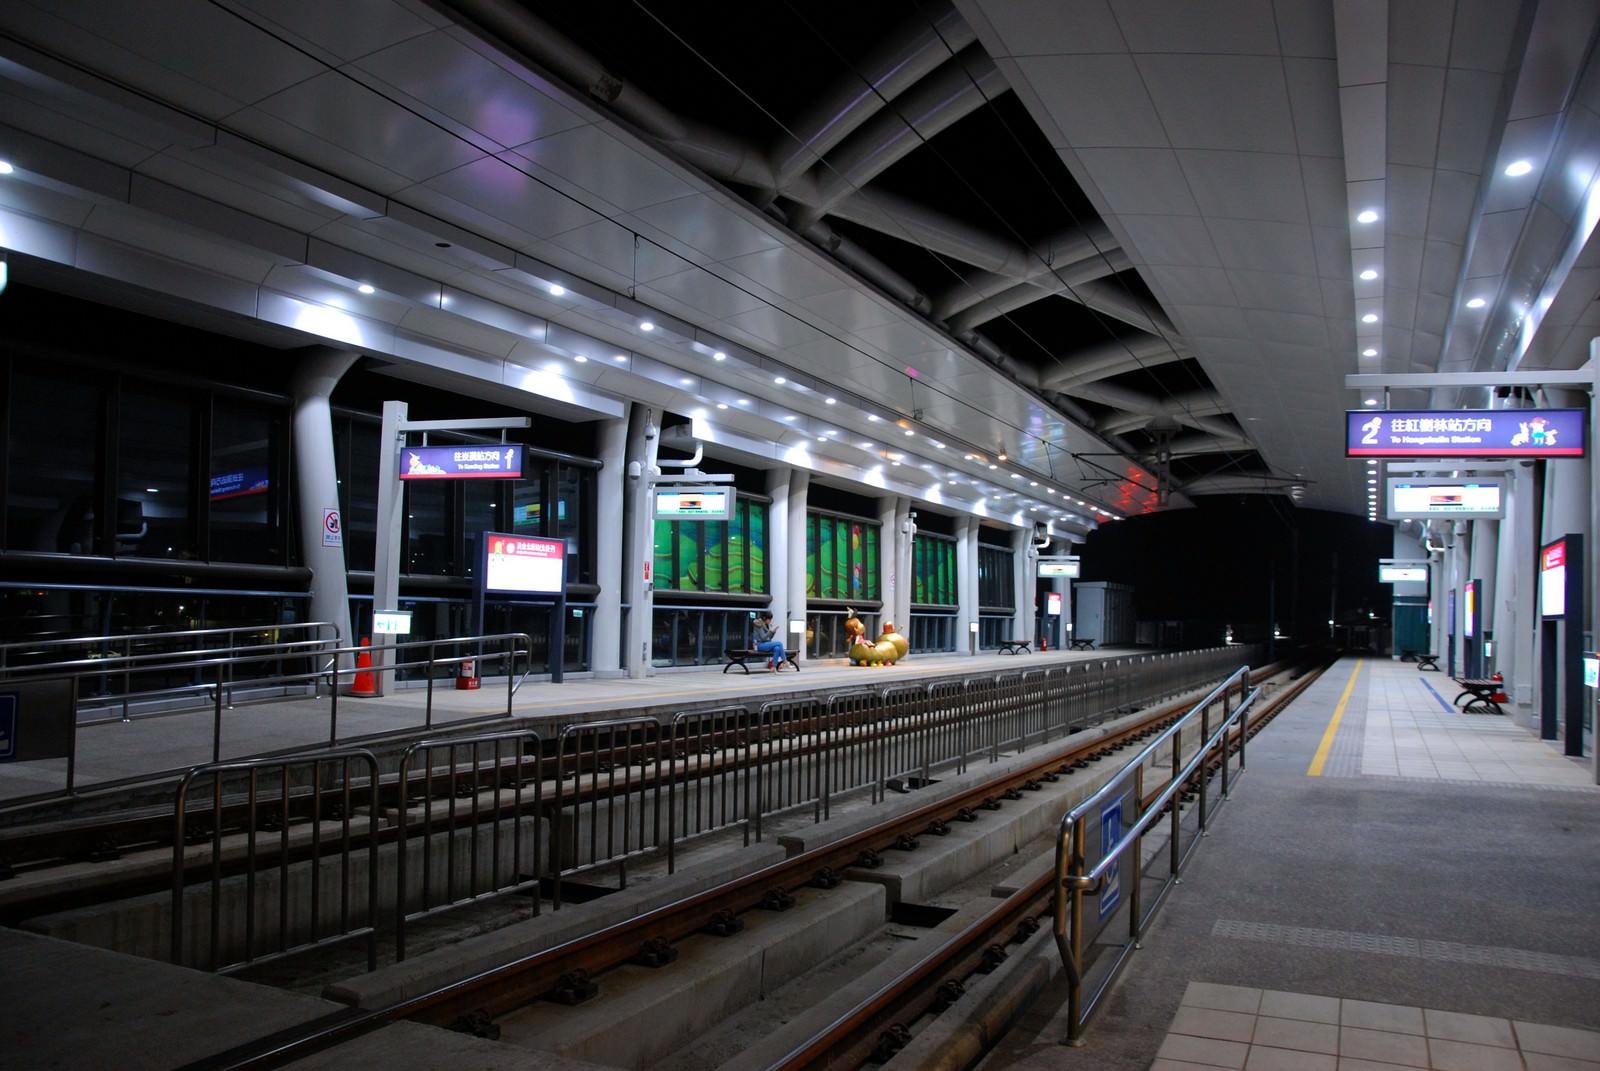 淡海輕軌綠山線, 輕軌淡金北新站(北投子), 月台